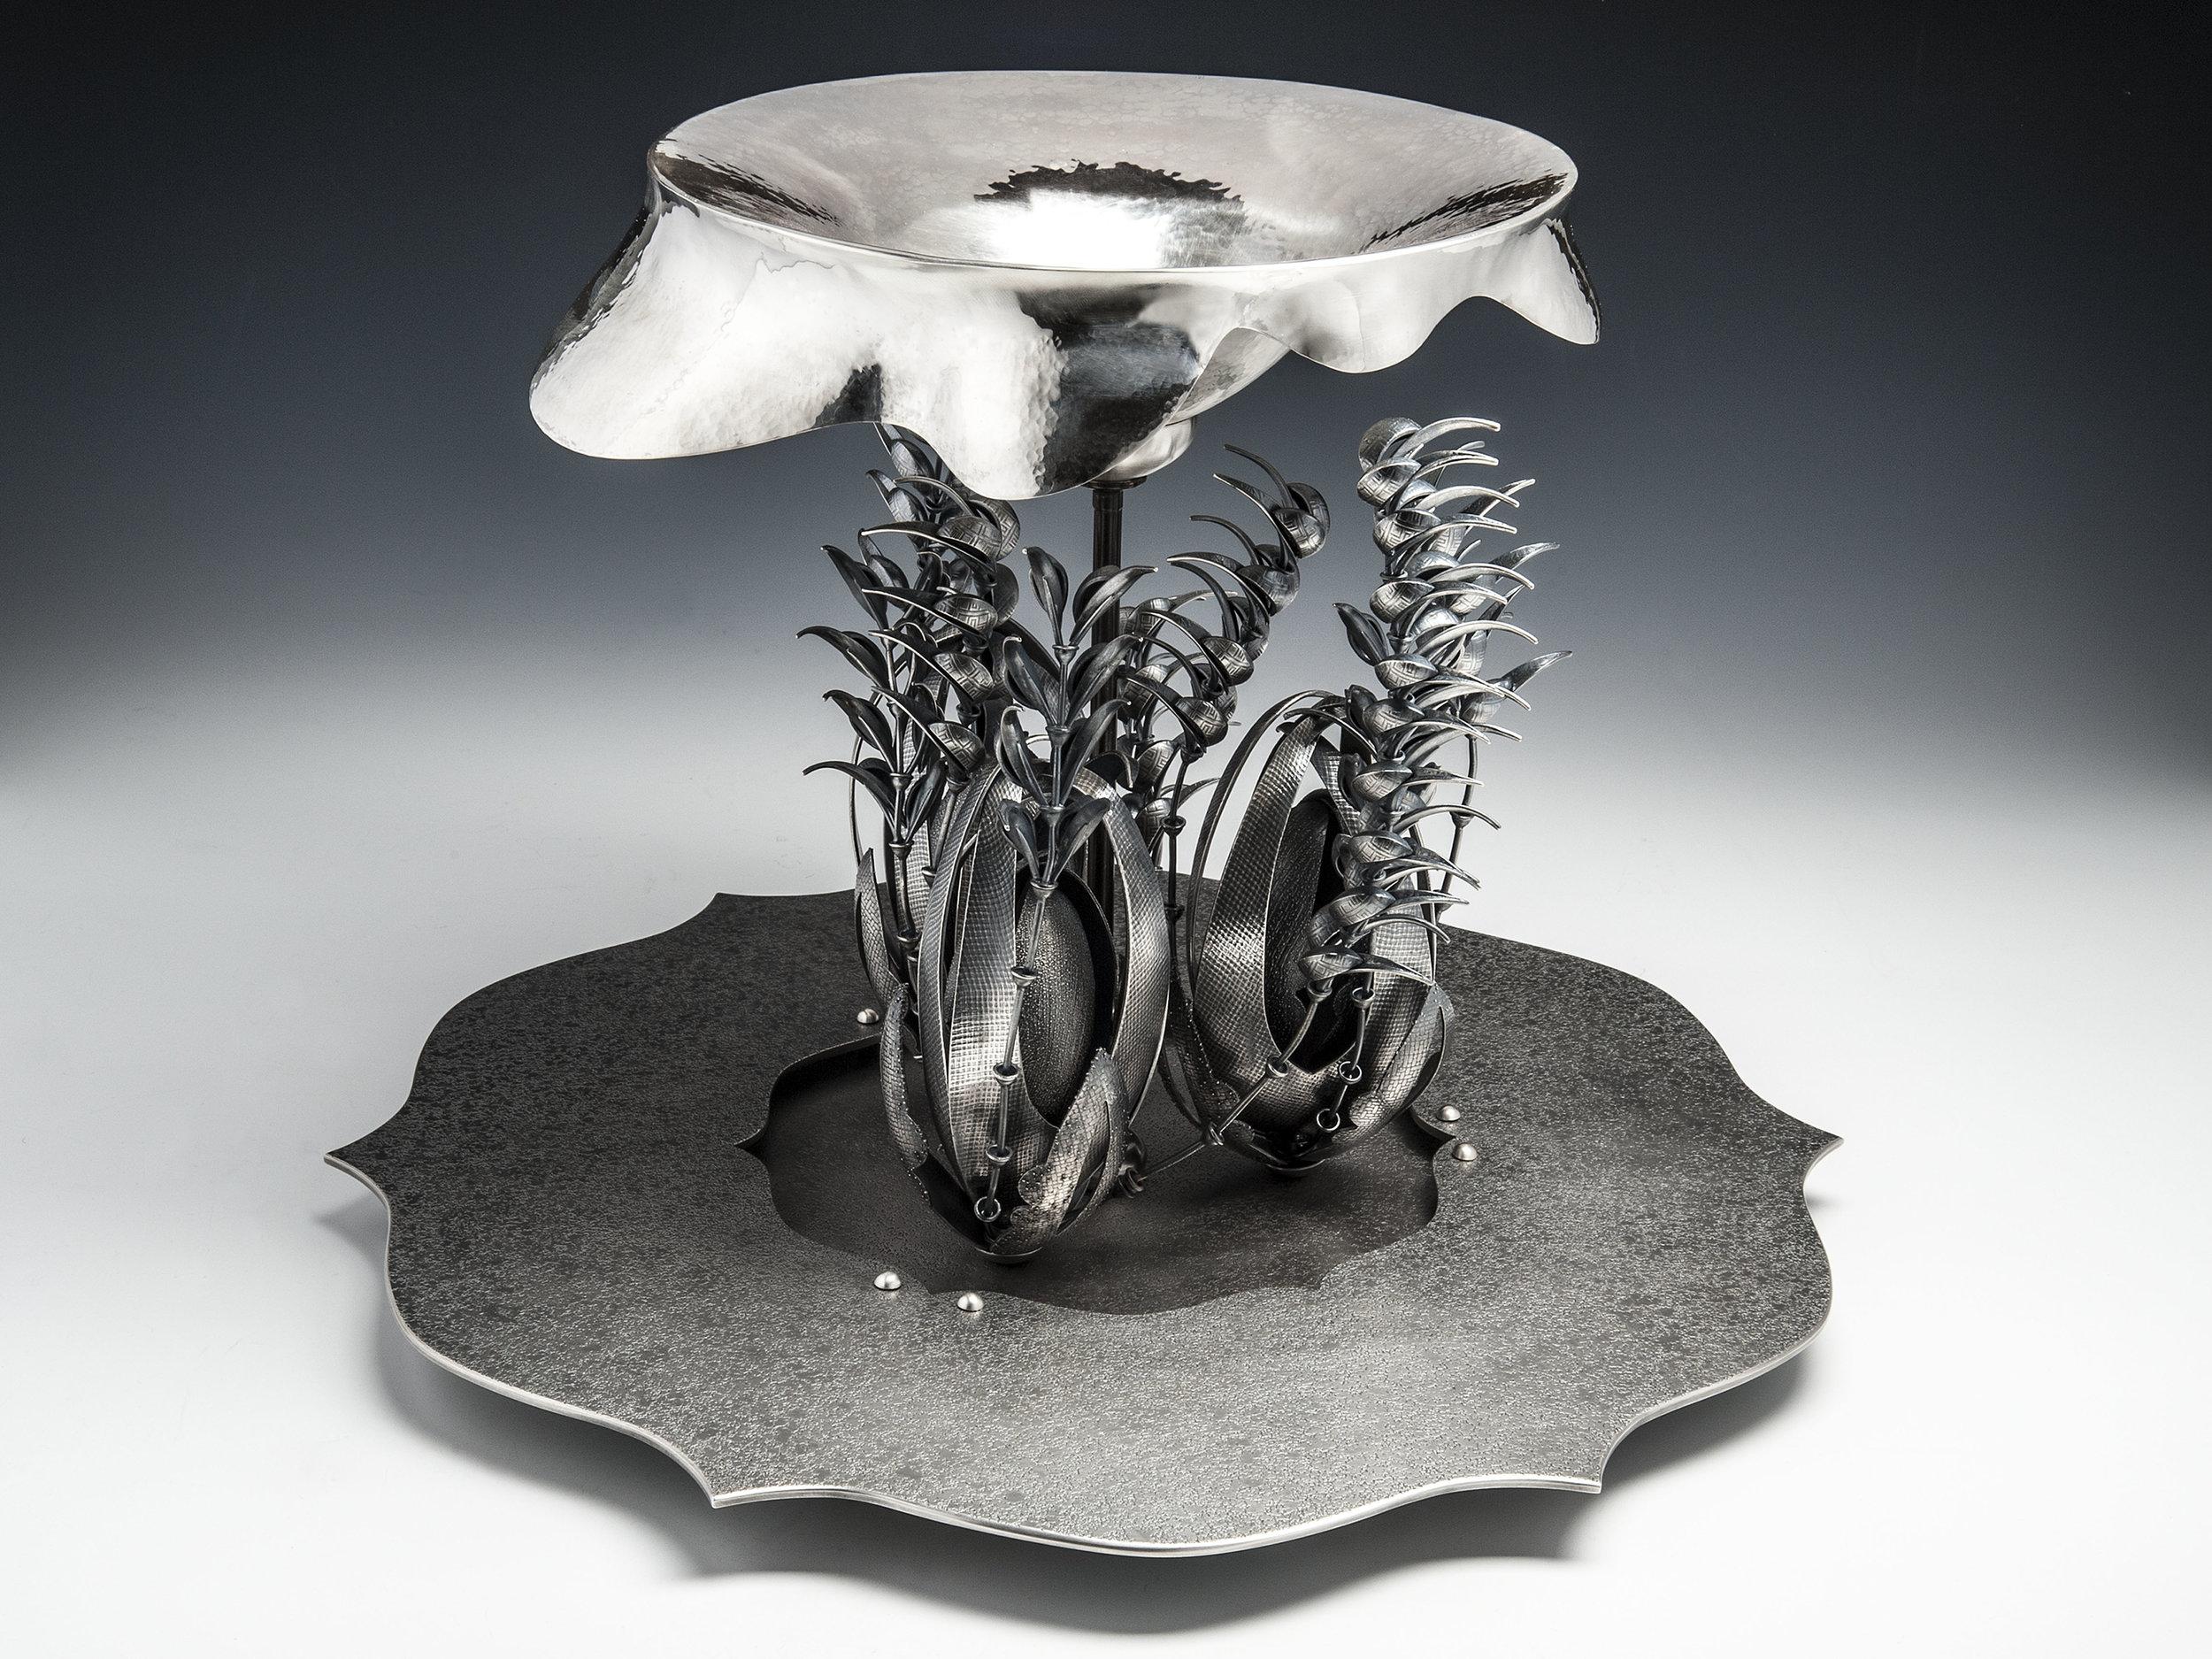 Copse     2015     958 silver, bronze, silver plate     13 x 18 x 18 inches